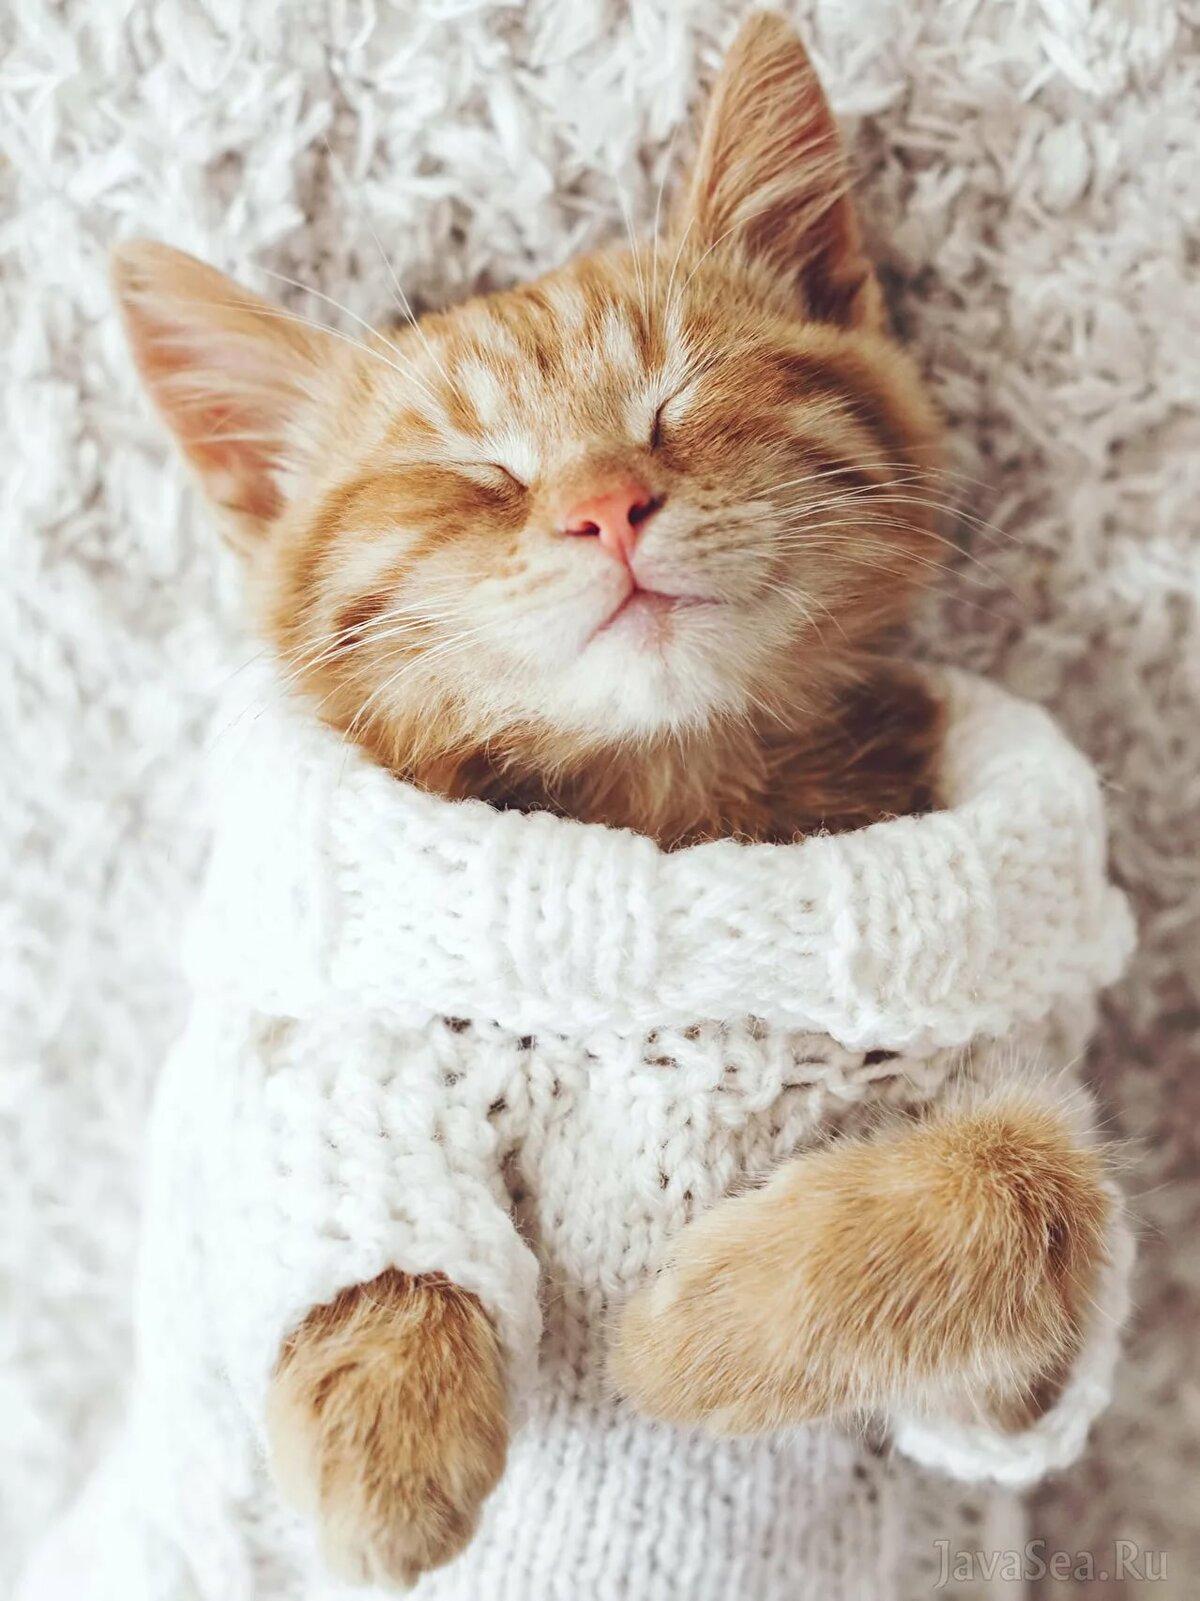 театральной кот в свитере картинка форма листьев